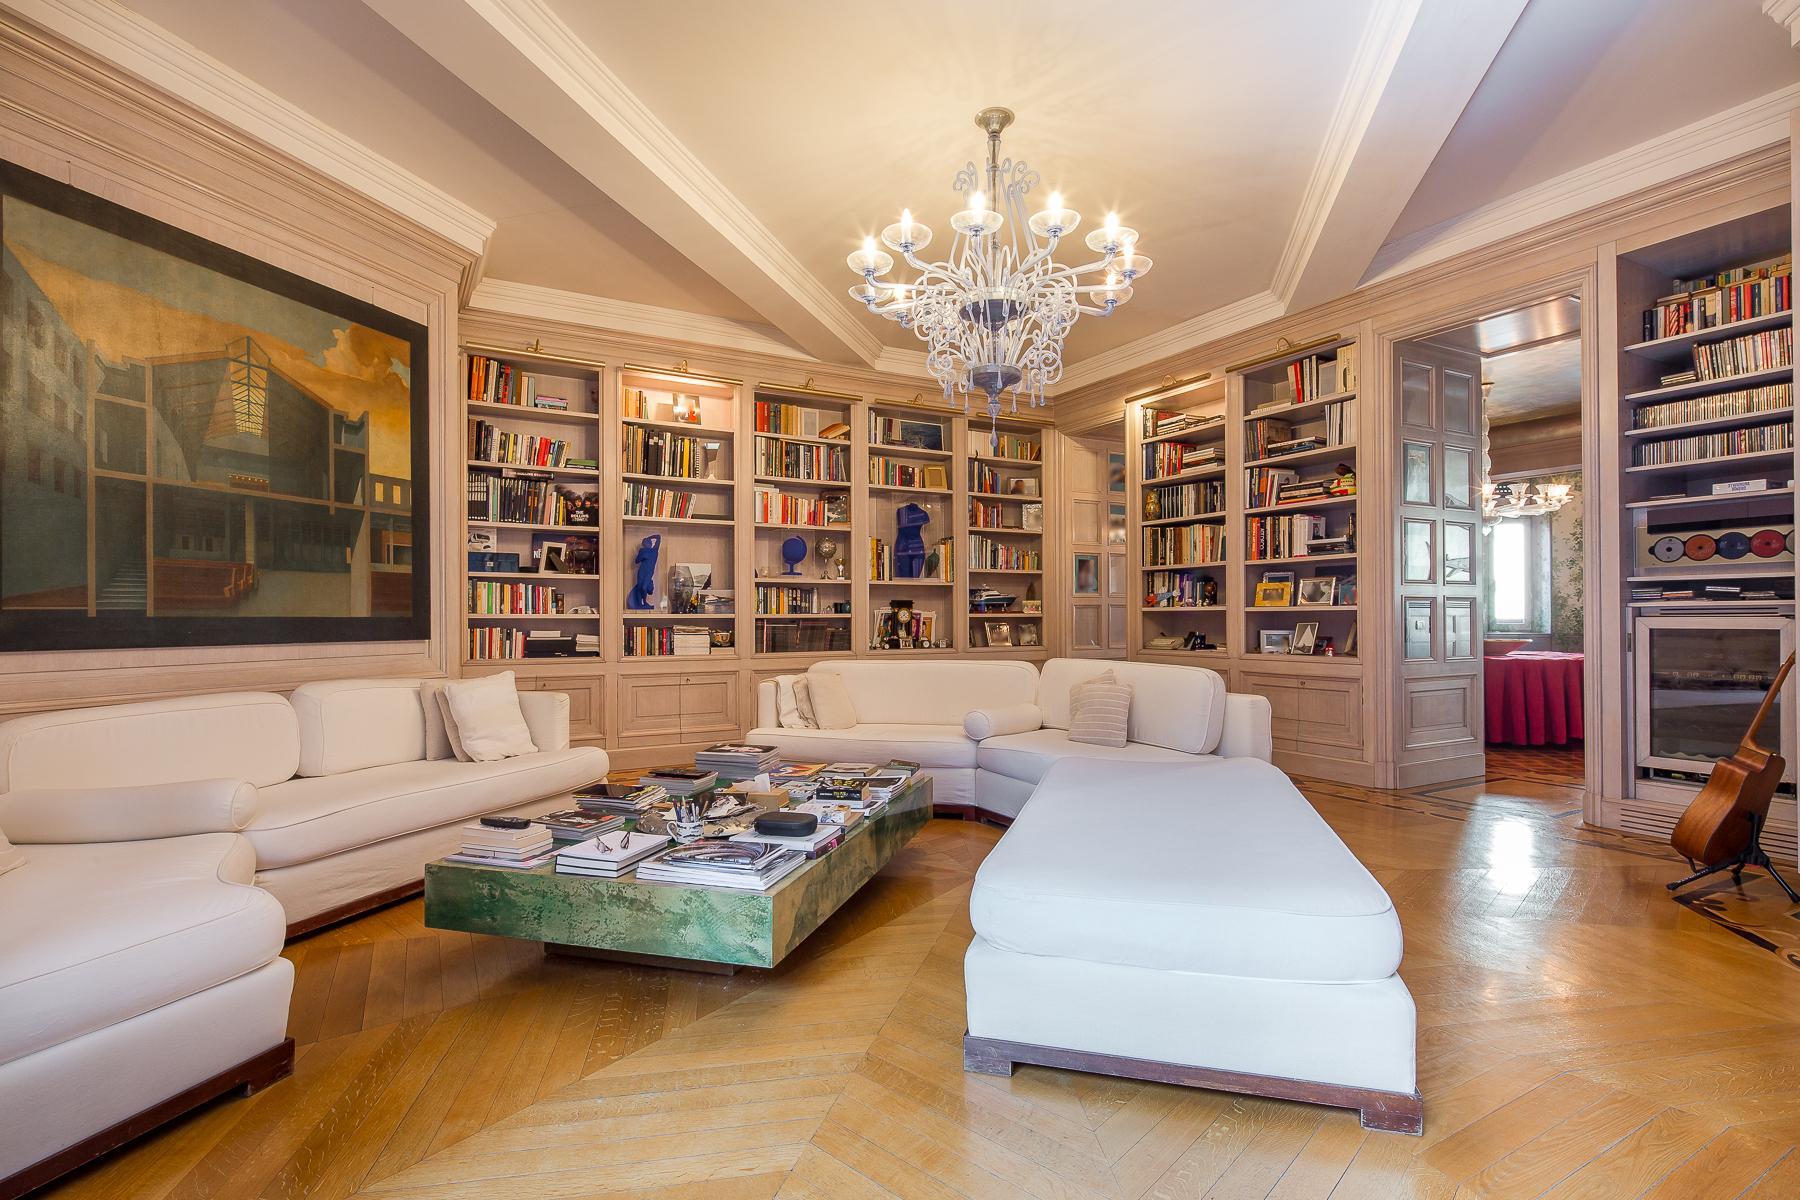 Appartement élégant dans un prestigieux bâtiment historique - 1